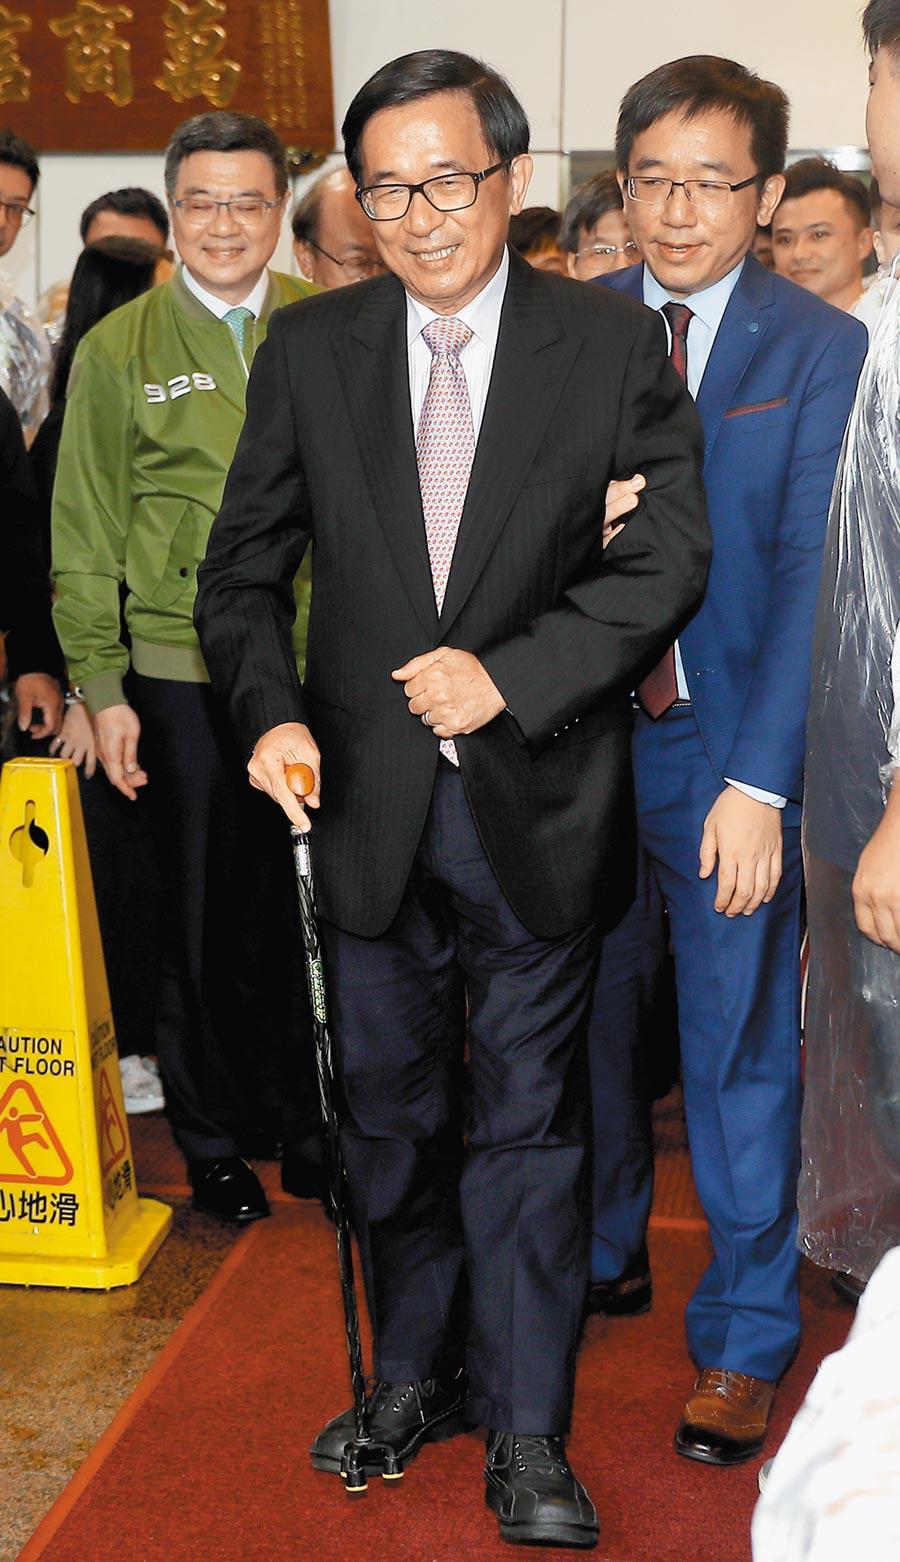 前總統陳水扁(中)爆料獲邀且同意出席國慶卻無下文,被中監打臉表示,並未收到扁的申請。(本報資料照片)